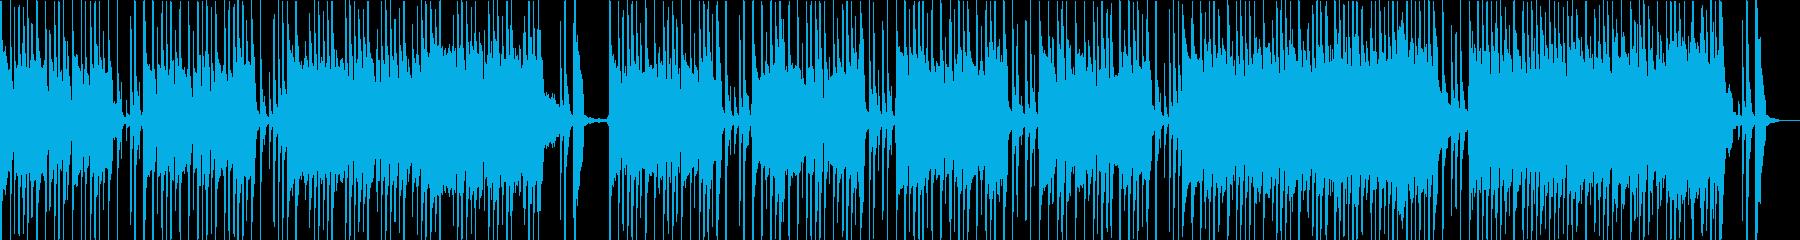 ギターの効いたテンポのいいロックな曲の再生済みの波形